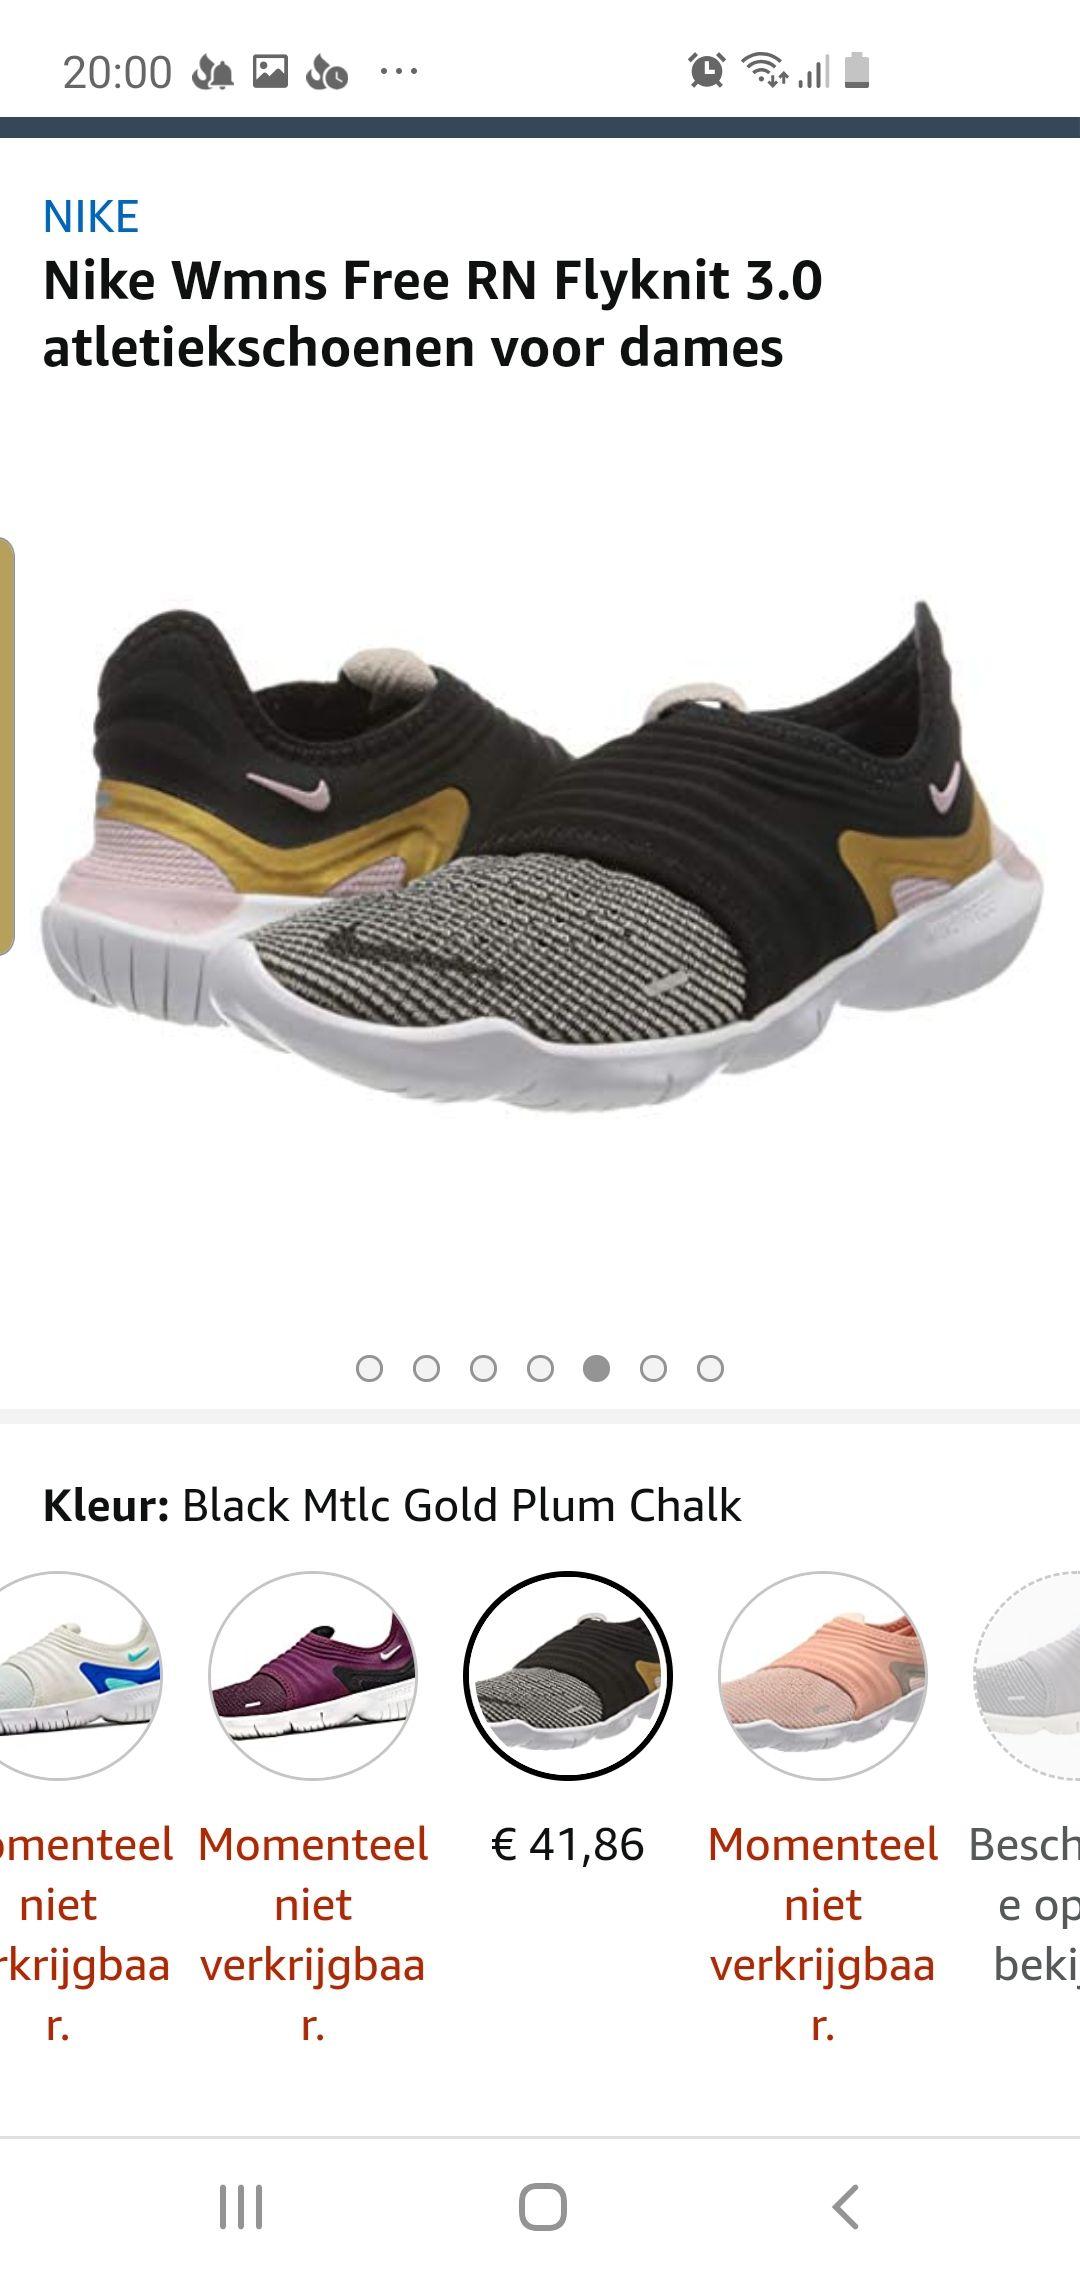 Nike Wmns Free RN Flyknit 3.0 atletiekschoenen voor dames